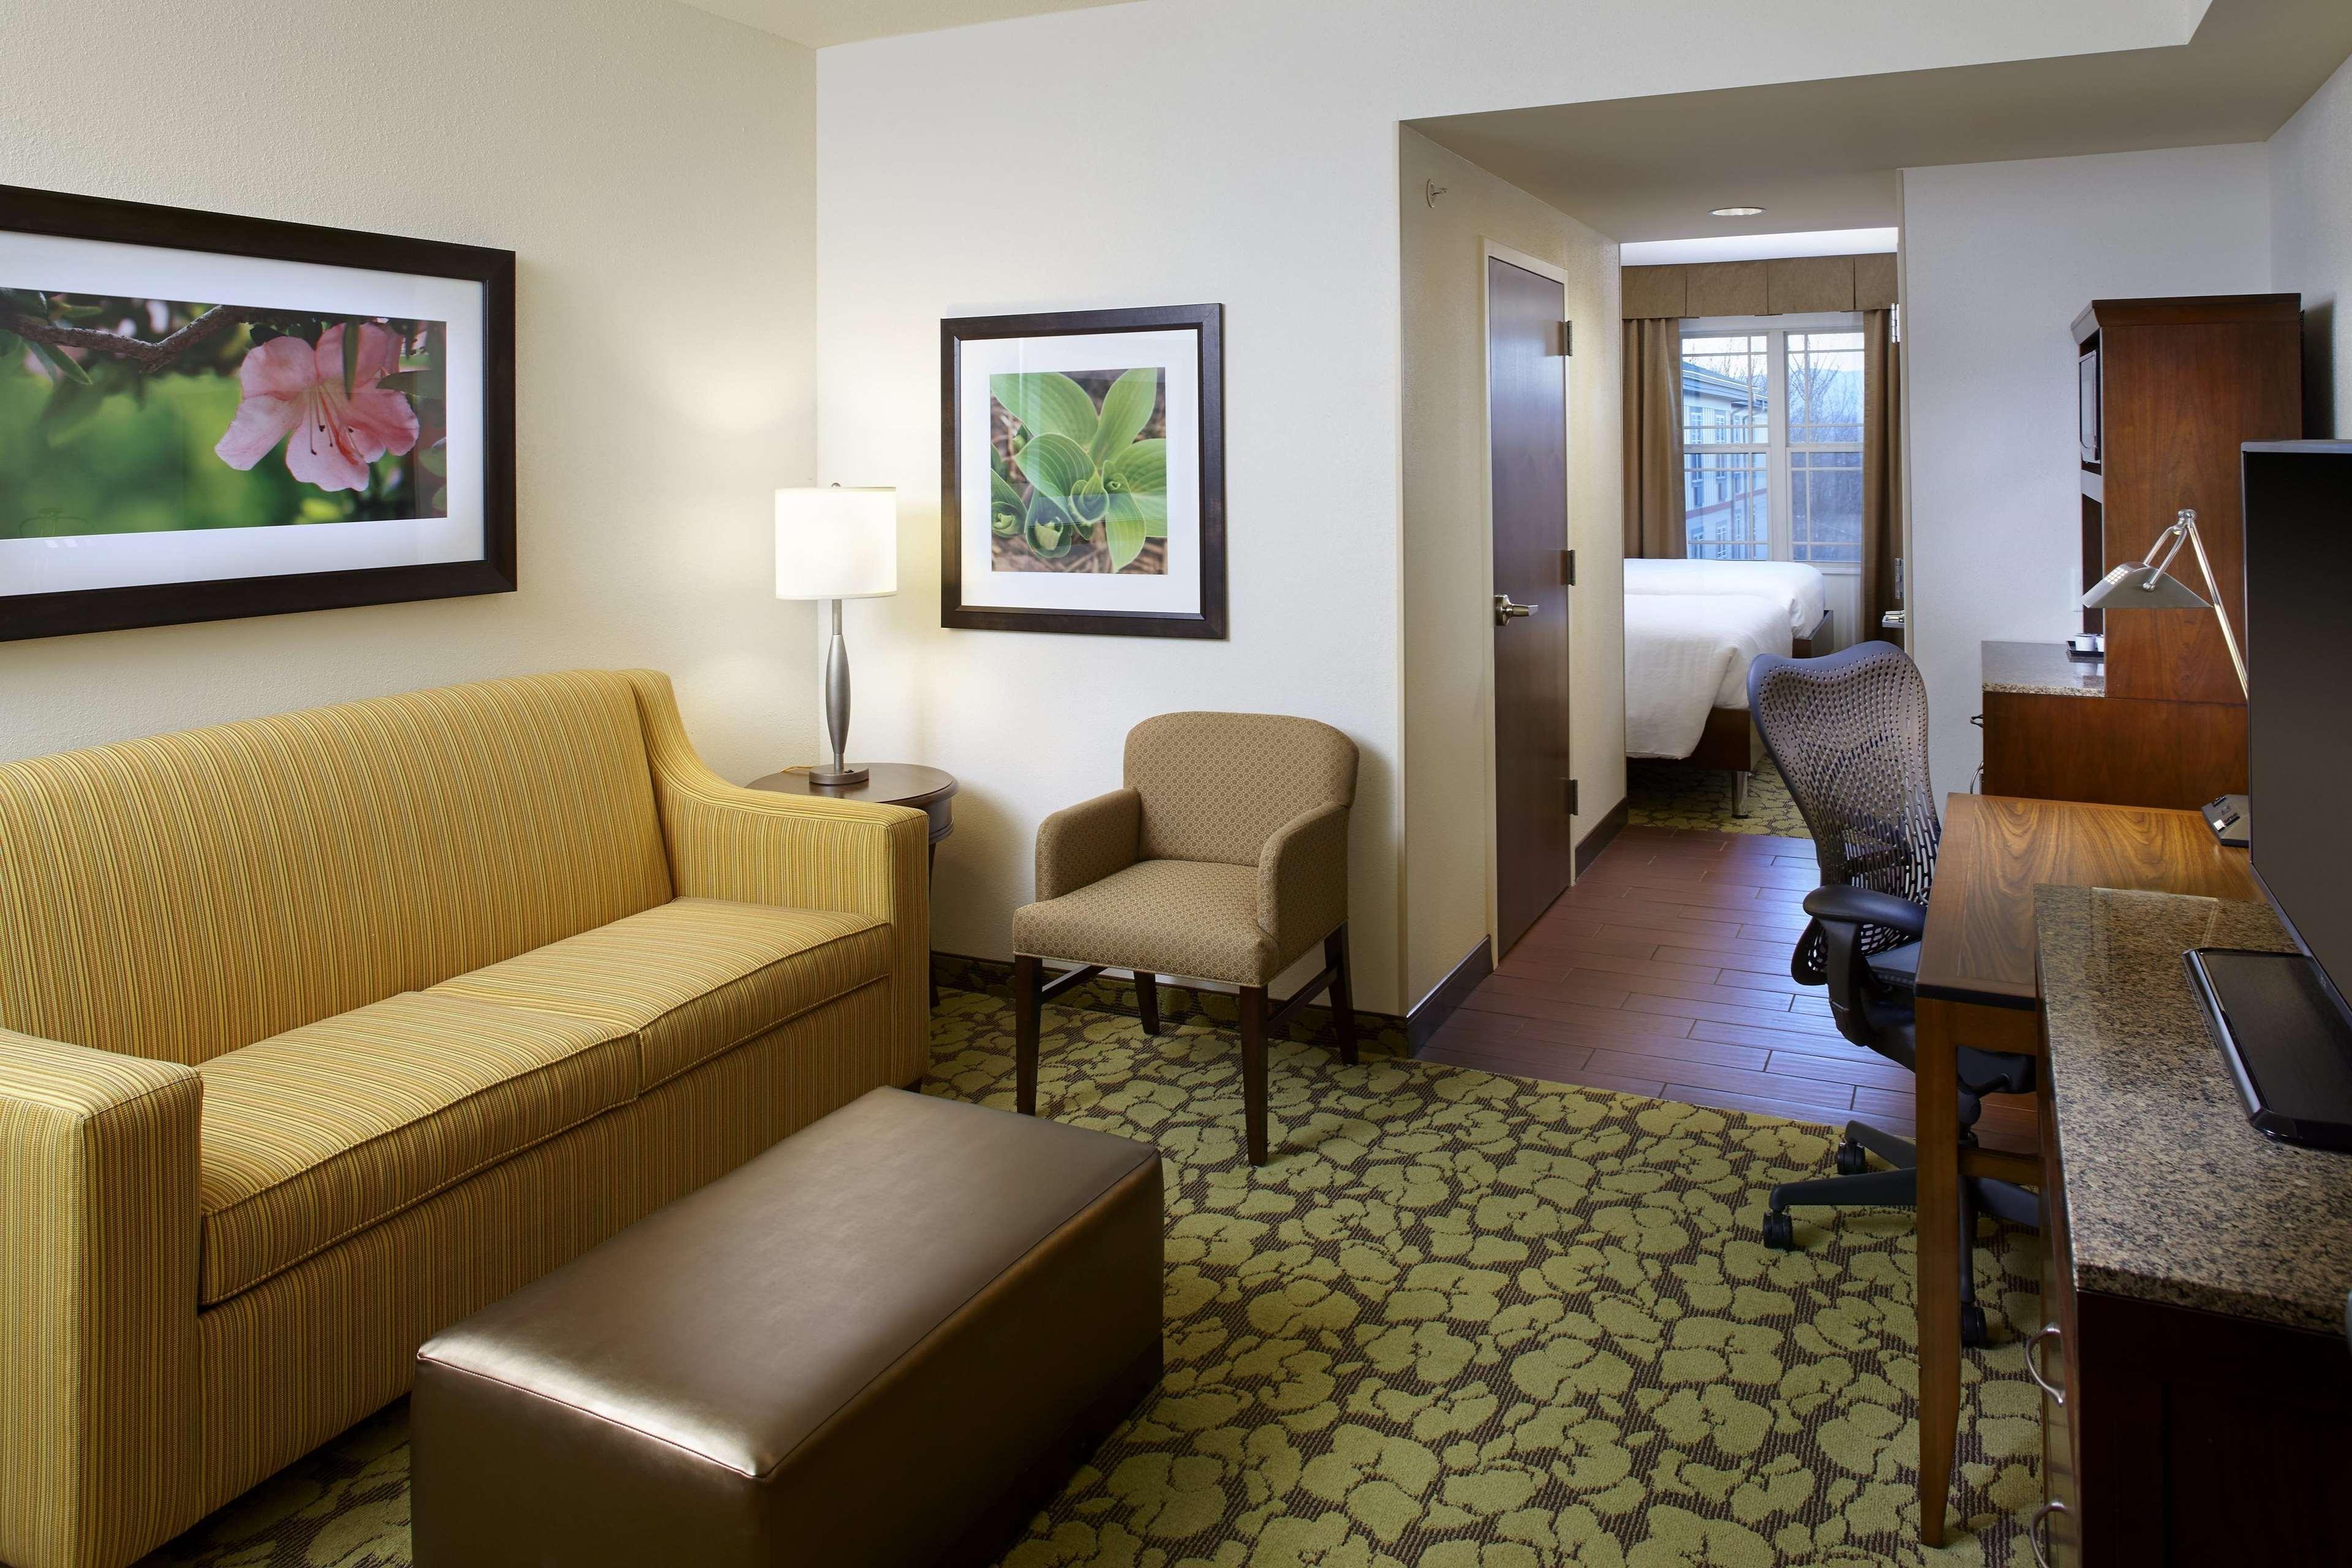 Contemporary Hilton Garden Inn Roanoke Va Ensign - Brown Nature ...